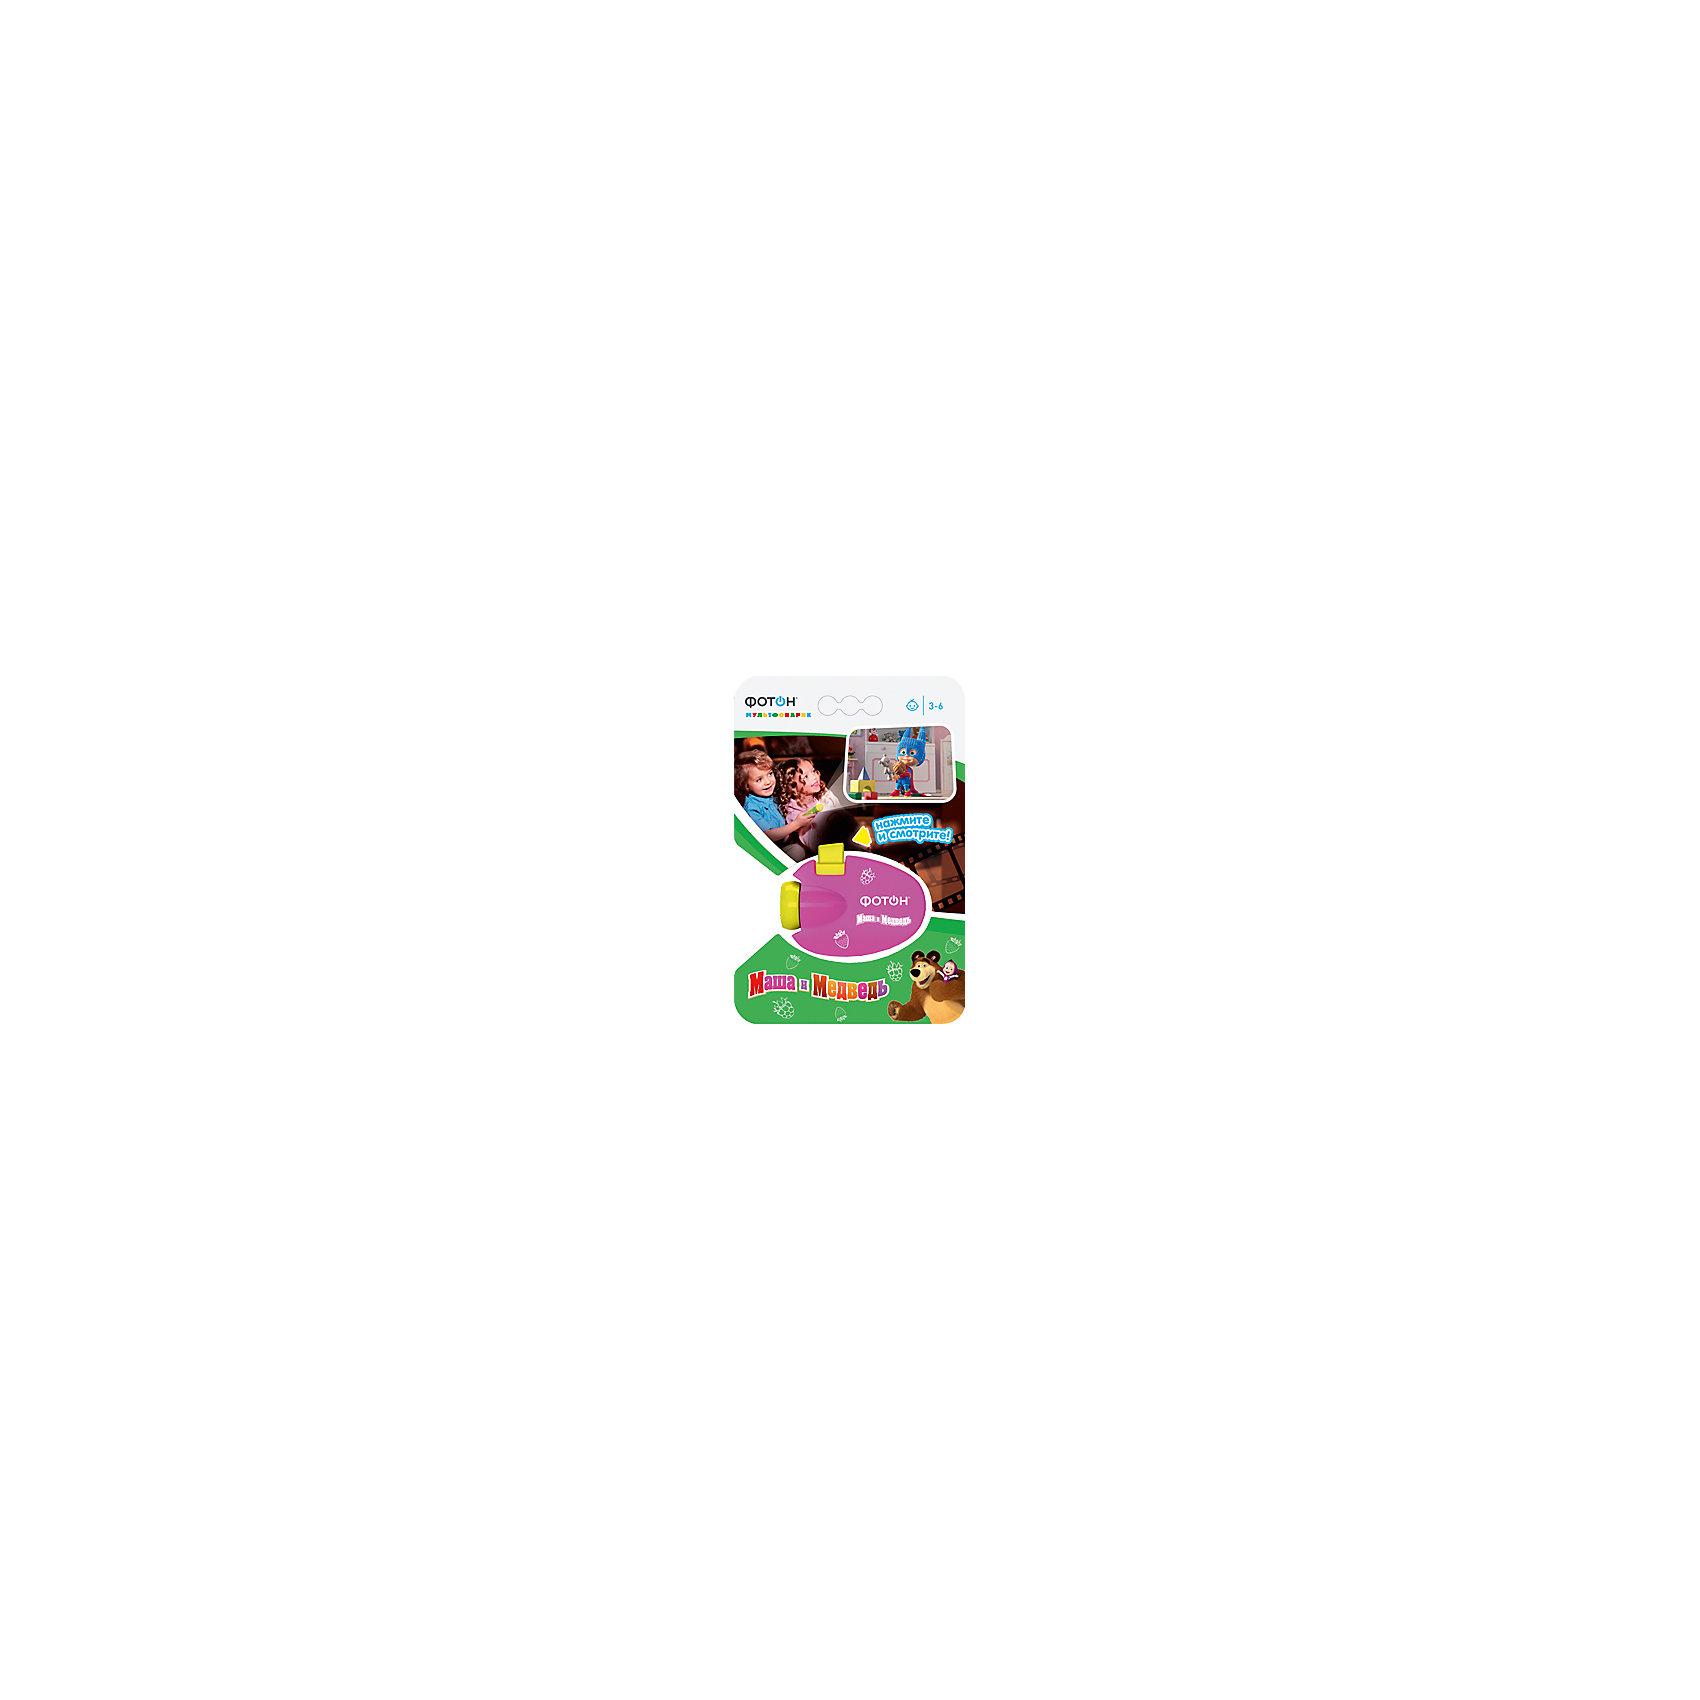 Мультфонарик-проектор Маша и Медведь, розовый, ФотонМультфонарик-проектор Маша и Медведь, розовый, Фотон.<br><br>Характеристика:<br><br>• Материал: пластик, металл.<br>• Размер упаковки: 18 см?11,7 см?2,5 см.<br>• Проецирует картинки на расстоянии: 0,3-3 м. <br>• Источник света: 1 светодиод. <br>• Элемент питания: 3 батарейки 1,5V типа AG3/LR41 (в комплекте демонстрационные). <br>• 26 изображений. <br>• Яркий привлекательный дизайн.<br><br>Фонарик - проектор Маша и Медведь приведет в восторг любого ребенка! Нажав на кнопку на корпусе, малыши увидят приключения любимых героев. Фонарик небольшого размера легко поместится с сумке или кармане, а значит, любимые герои и захватывающие истории смогут быть рядом всегда и везде. Изображения можно спроецировать на любую ровную поверхность. Фонарик выполнен из высококачественного прочного пластика, работает от батареек. <br>Прекрасный подарок на любой праздник! <br><br>Мультфонарик-проектор Маша и Медведь, розовый, Фотон, можно купить в нашем интернет-магазине.<br><br>Ширина мм: 180<br>Глубина мм: 120<br>Высота мм: 28<br>Вес г: 92<br>Возраст от месяцев: 24<br>Возраст до месяцев: 120<br>Пол: Женский<br>Возраст: Детский<br>SKU: 5268922